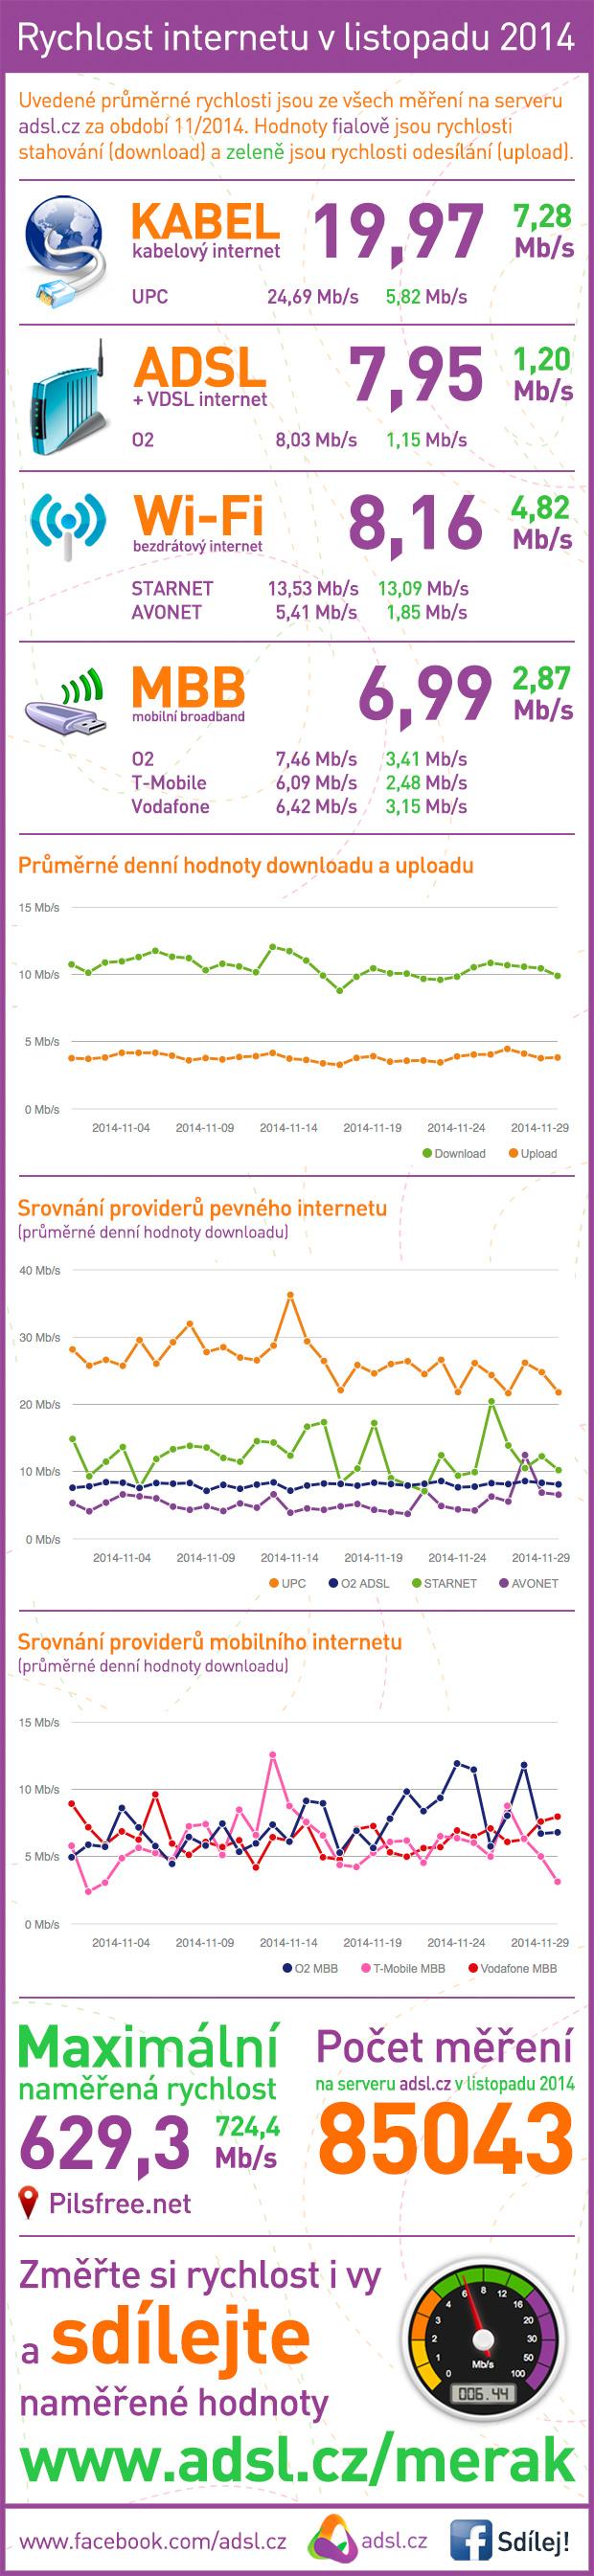 Rychlost internetu listopad 2014